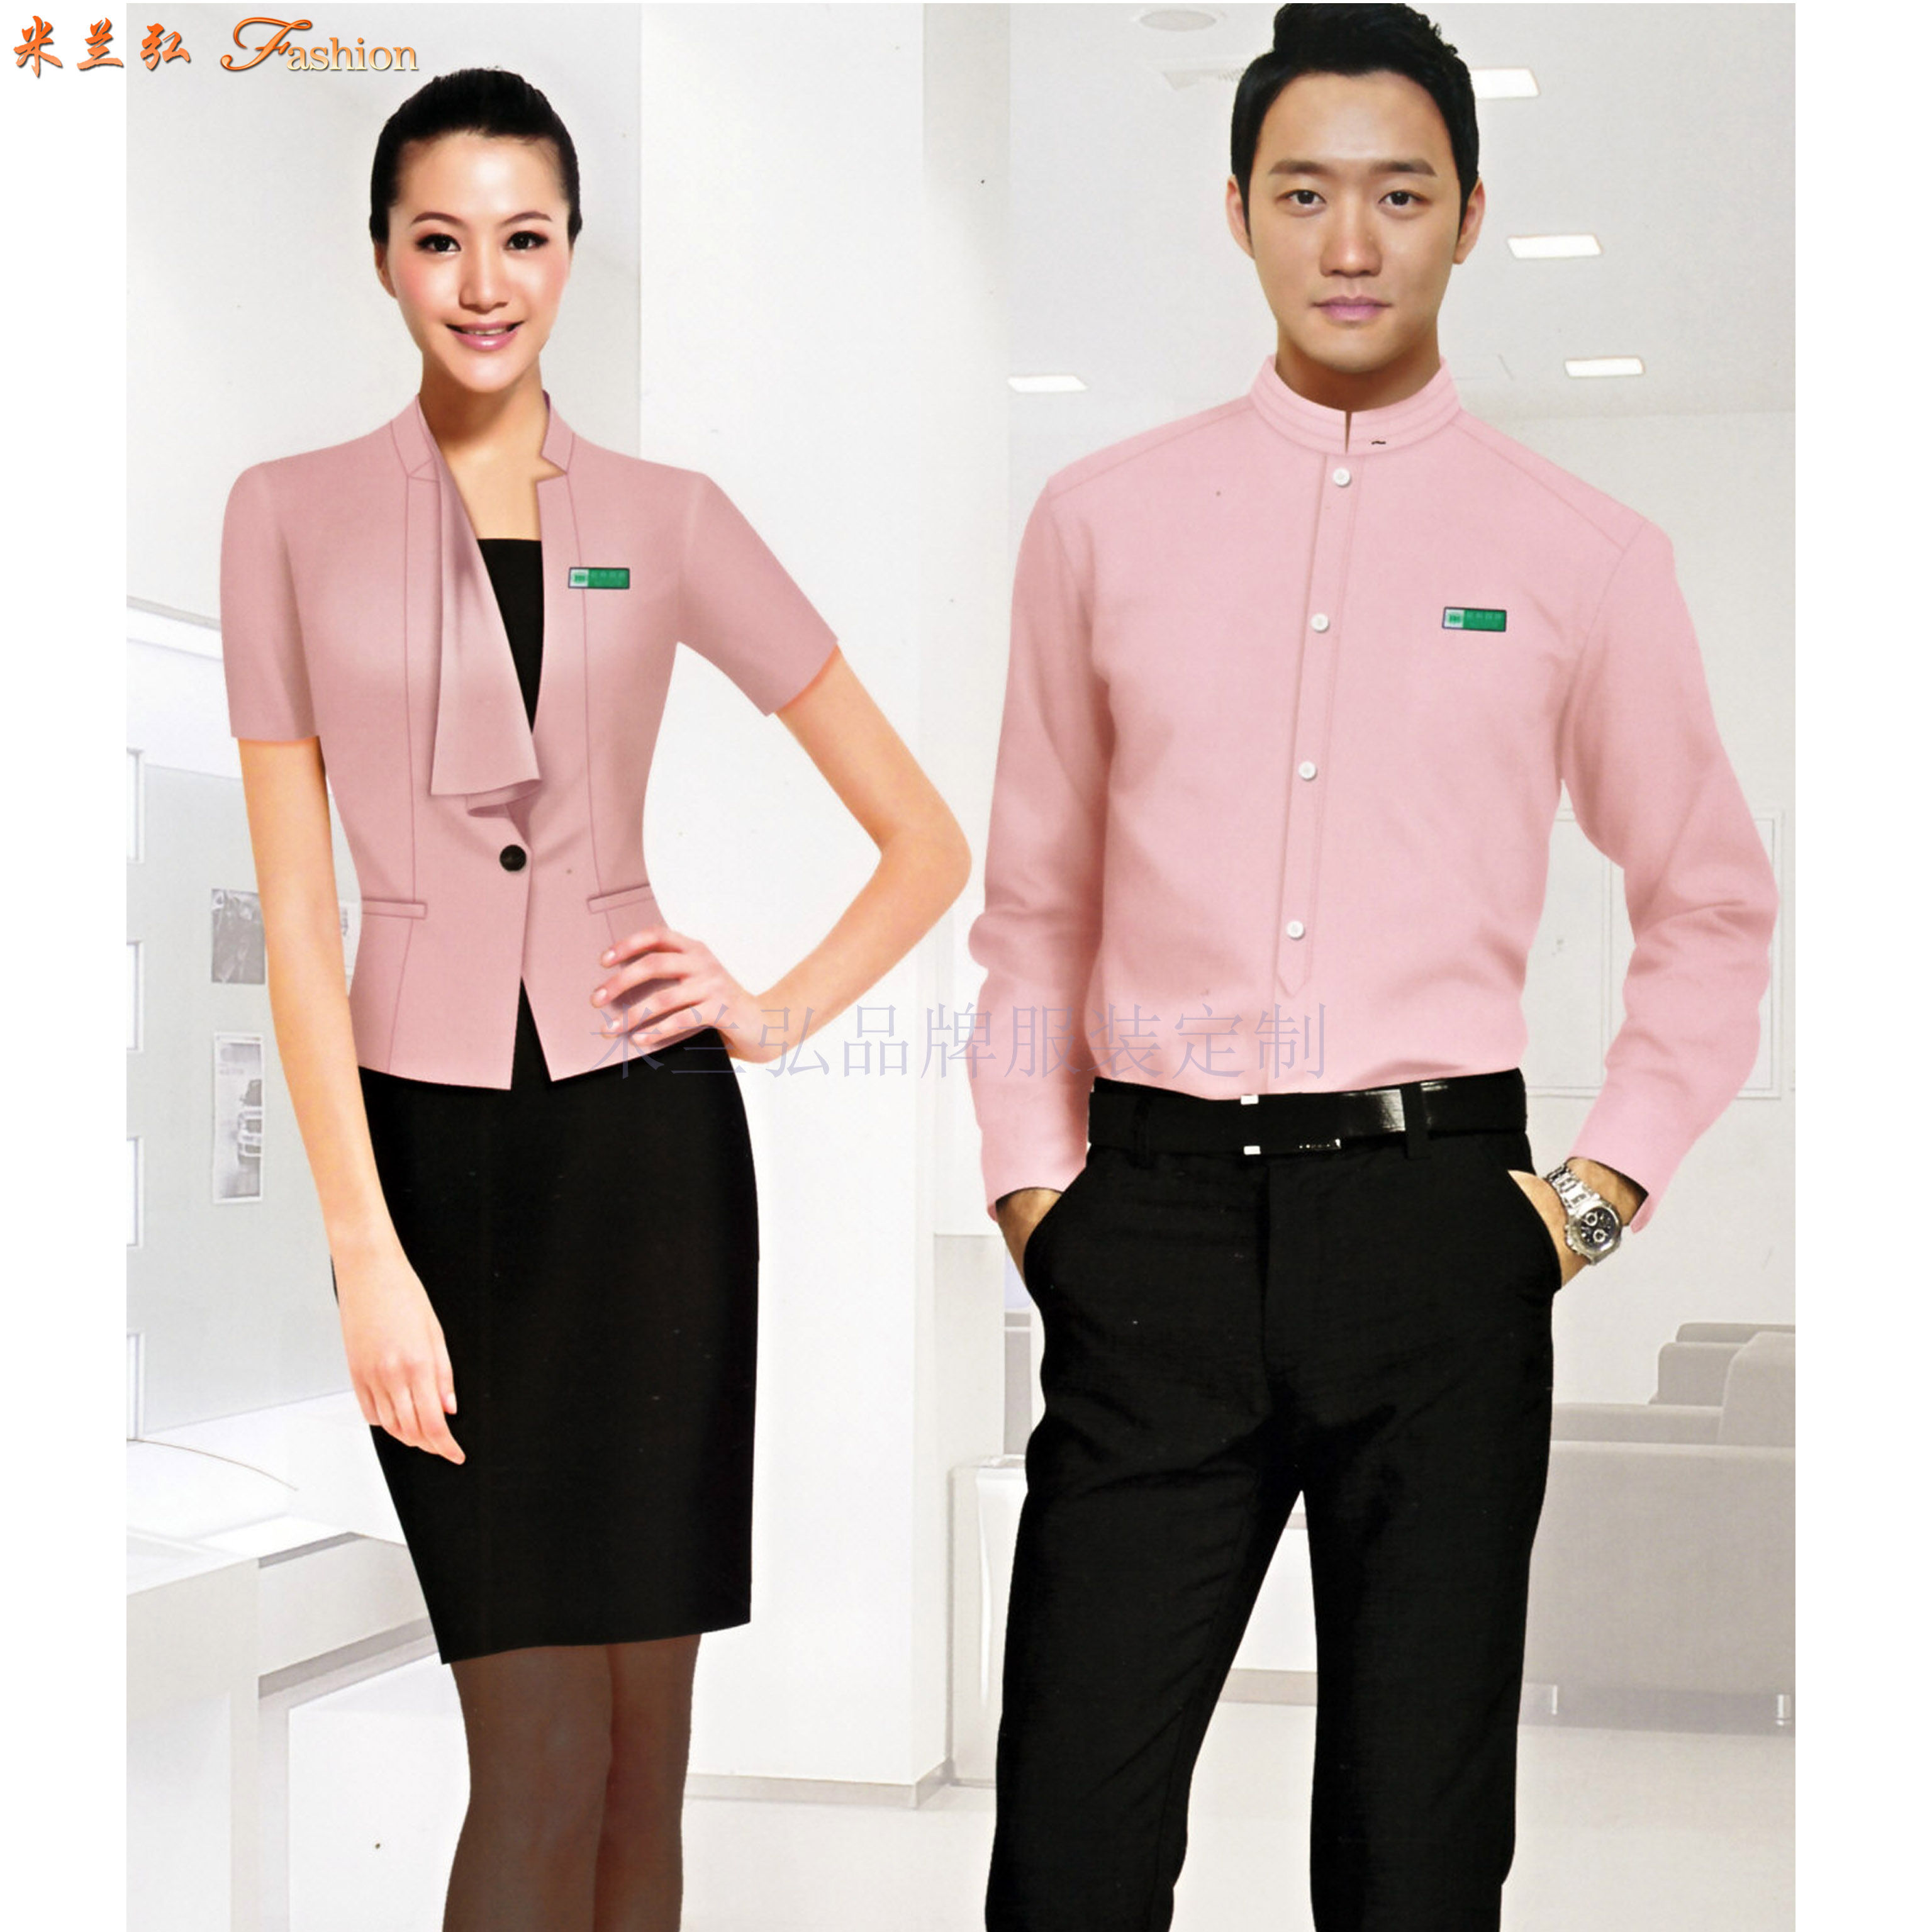 「寧夏襯衫」中衛市量身訂制職業襯衫企業-米蘭弘服裝-1